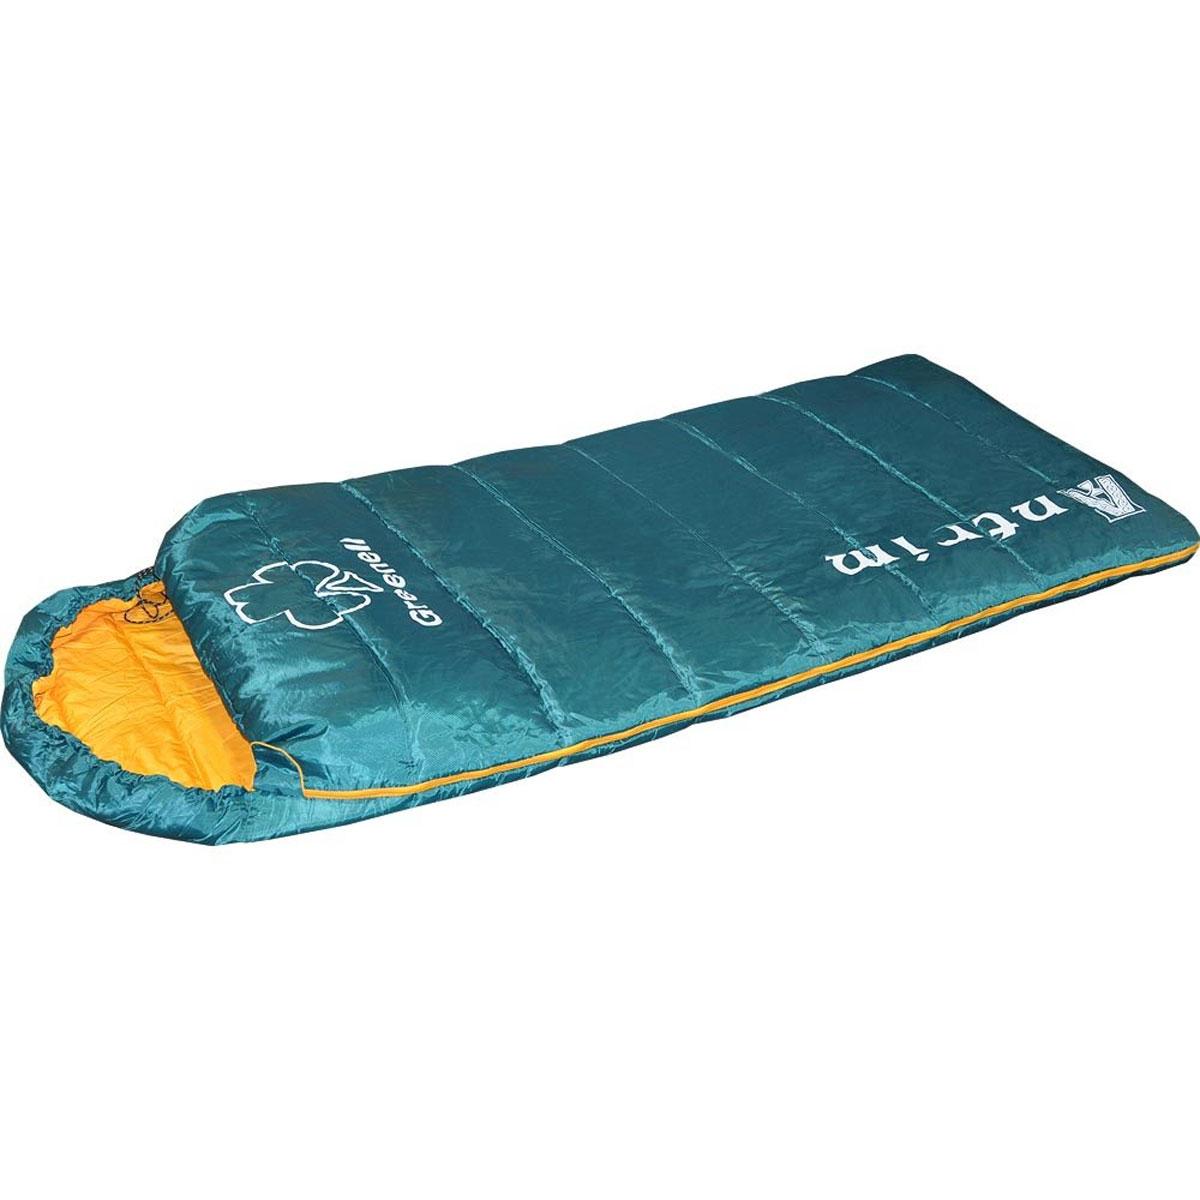 Спальный мешок Greenell Антрим, левосторонняя молния, цвет: зеленый34013-303-00Летний спальник Greenell Антрим изготовлен в форм-факторе мешок-одеяло с подголовником. Антрим имеет большой внутренний объем и ориентирован на использование людьми, крупной комплекции, а для капризных путешественников, любящих особый комфорт это единственный и необходимый вариант для полноценного ночлега! Легкий спальник Greenell Антрим имеет удобный кармашек внутри для личных вещей, очков, контактных линз и другой ночной атрибутики. В свернутом виде спальник помещается в компрессионный мешок и занимает минимум места в рюкзаке или багажном отделении автомобиля.Ткань верха спального мешка обработана влагостойкой пропиткой. Гиппоалергенный материал утеплителя холлофайбер не сминается, быстро сохнет и обладает отличными теплосберегающими свойствами. Особое расположение швов предотвращает миграцию утеплителя внутри спального мешка.При необходимости двухзамковая молния позволяет состегнуть два однотипных спальника, образуя просторную спарку для отдыха всей семьей. Материал верха: 210T Polyester Honey Ripstop Cire W/R. Материал подкладки: 240T Polyester Pongee.